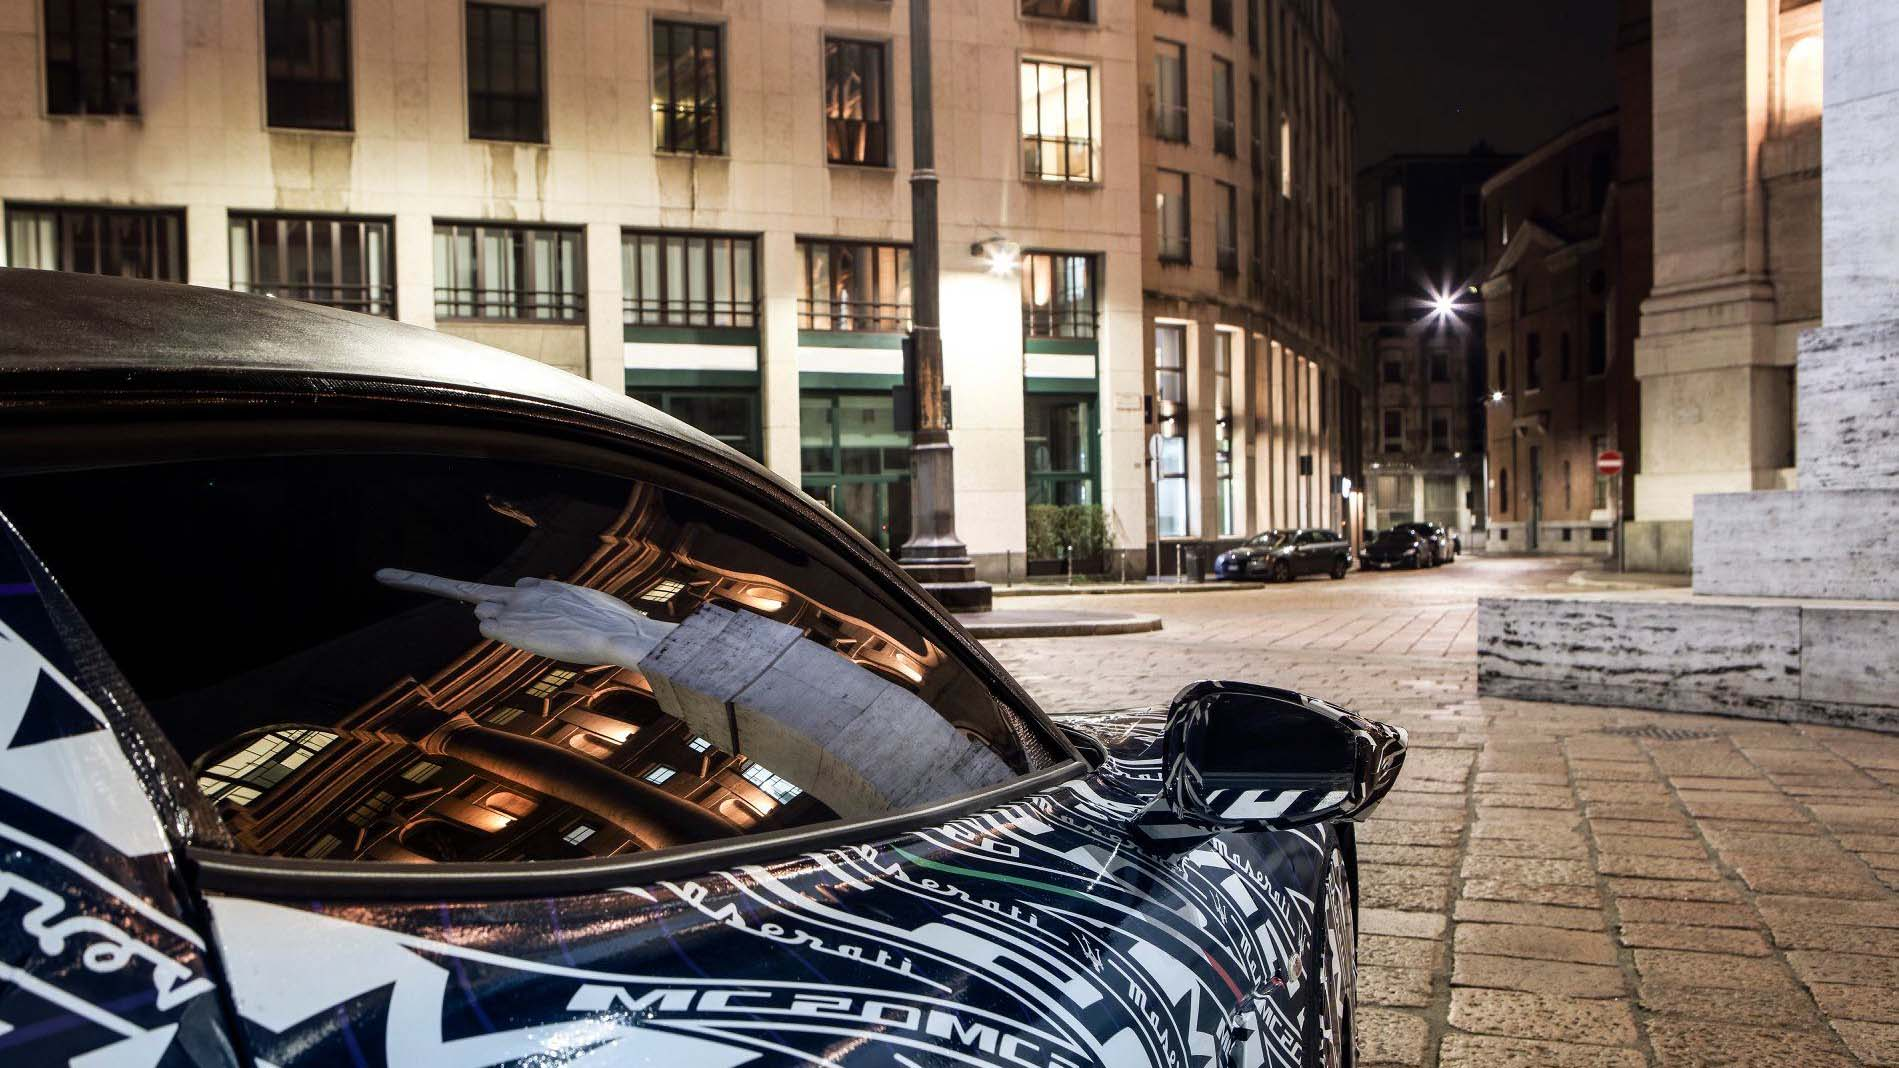 Maserati 全新超跑 MC20 原型車正式進入測試階段